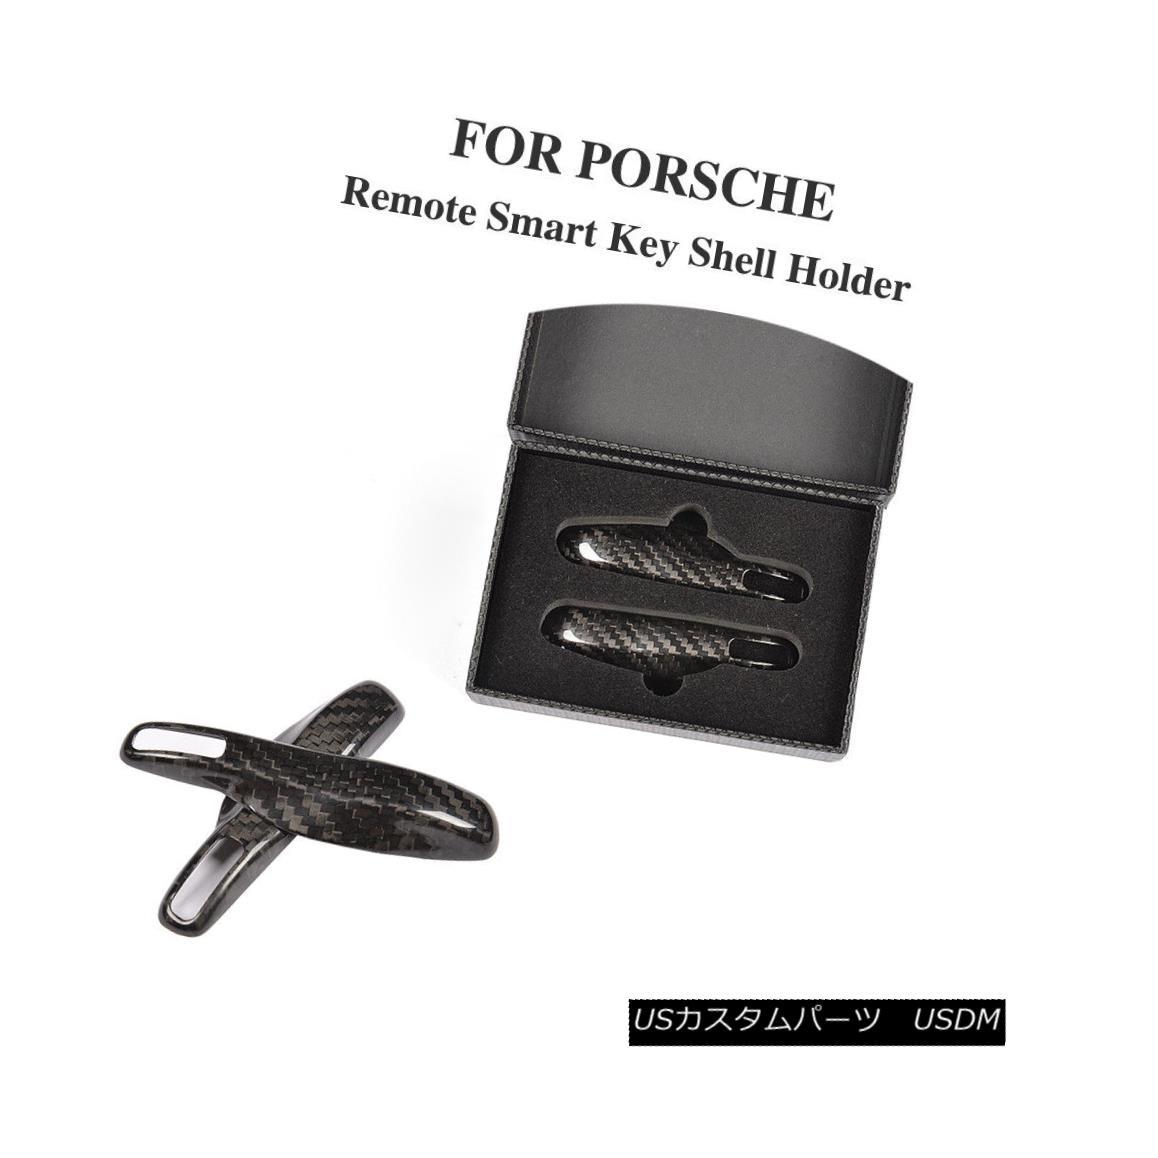 エアロパーツ Remote Smart Key Shell Holder Cover Case Pure Real Carbon Fiber For Porsche Key リモートスマートキーシェルホルダーカバーケース純正カーボンファイバー(ポルシェキー用)